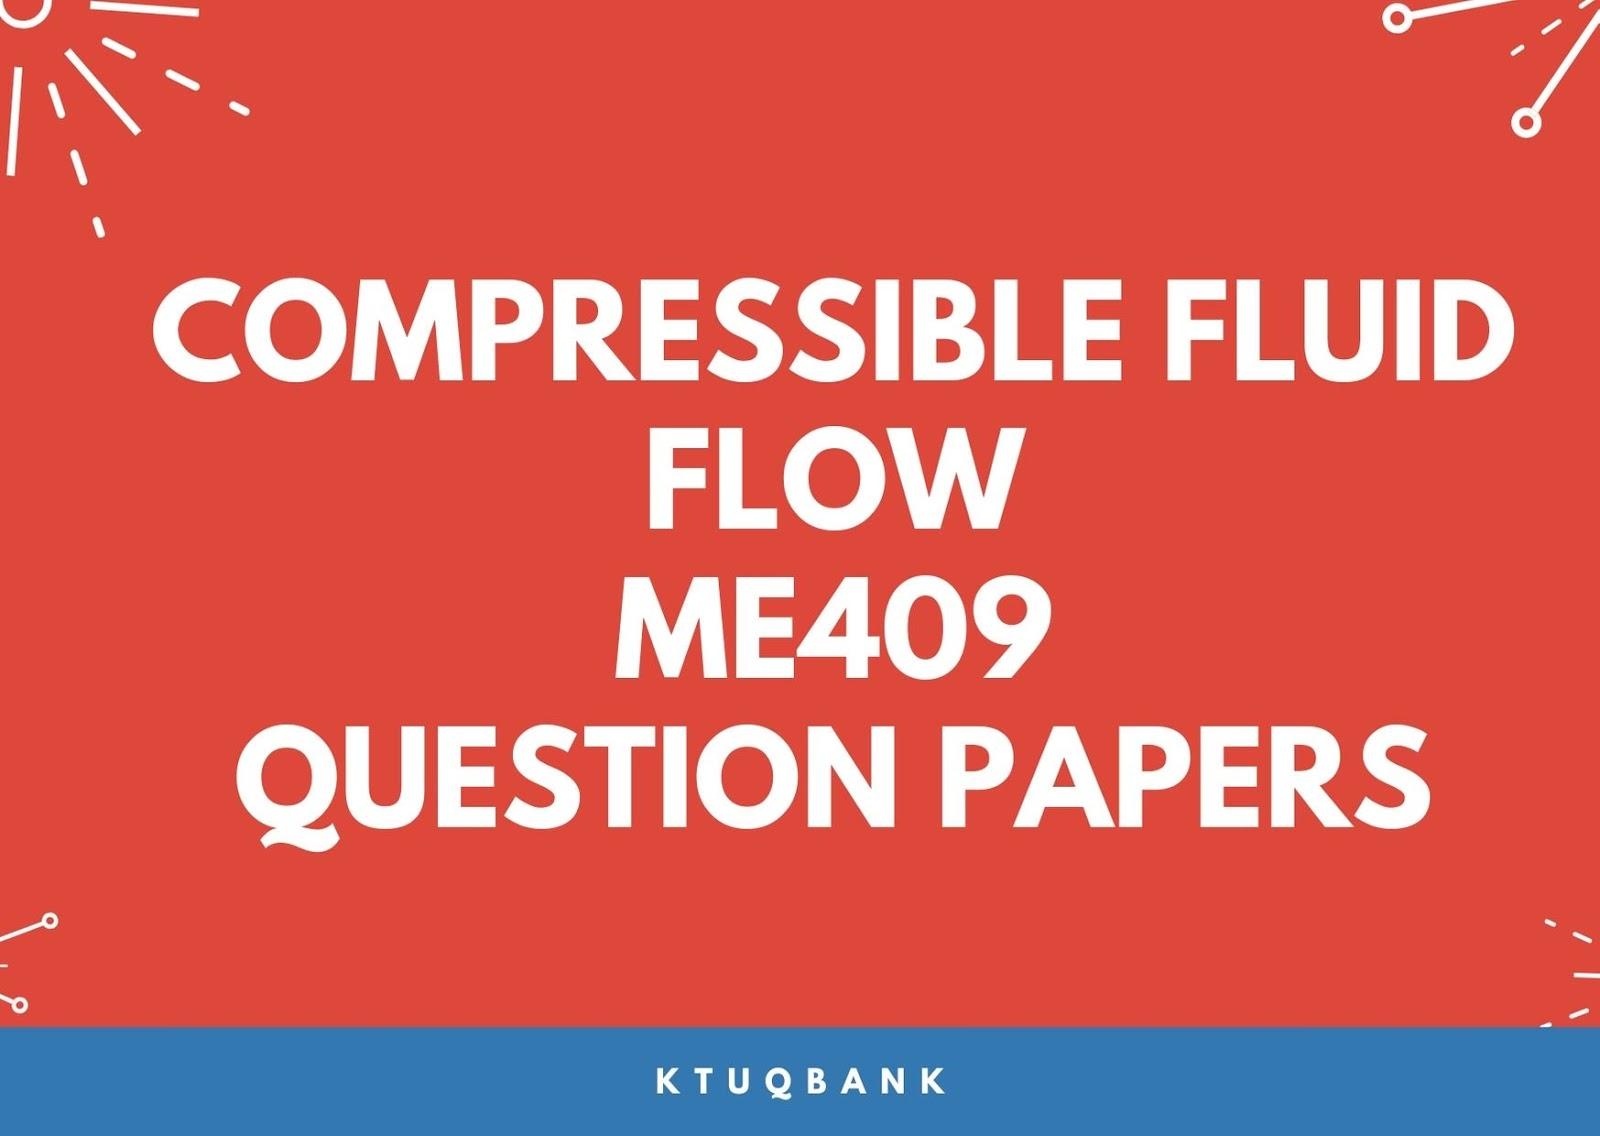 Compressible Fluid Flow | ME409 | Question Papers (2015 batch)